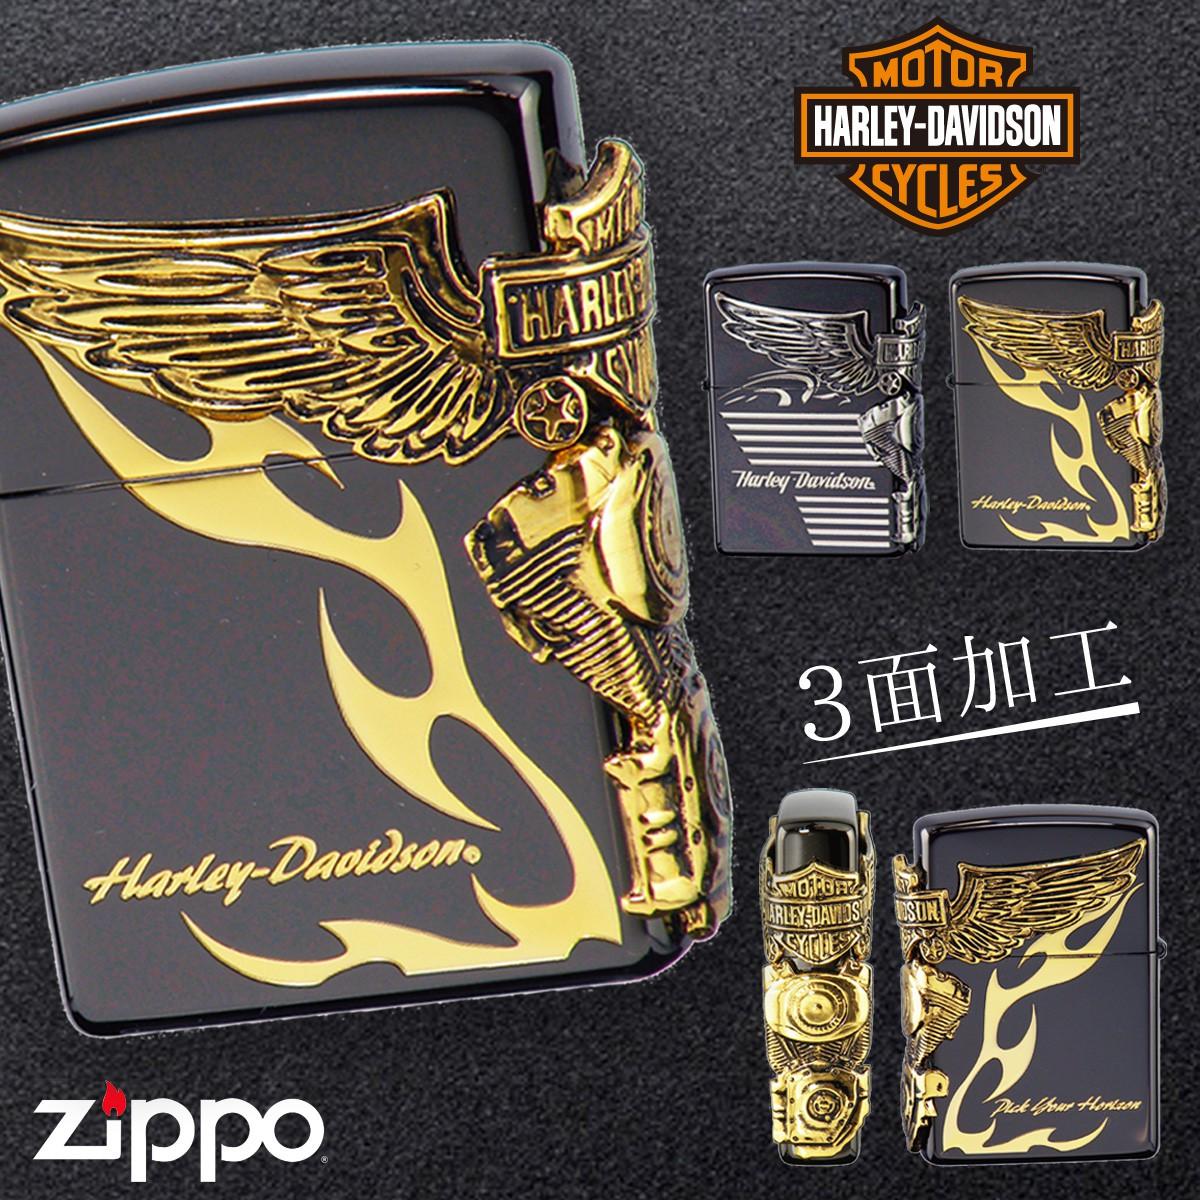 最高の ライター ハーレー zippo メンズ ジッポーライター 男性 ハーレーダビッドソンHDP25 ギフト プレゼント 贈り物 返品不可 返品不可 オイルライター ジッポライター 彼氏 男性 メンズ 喫煙具, 八束町:38f96e70 --- clftranspo.dominiotemporario.com